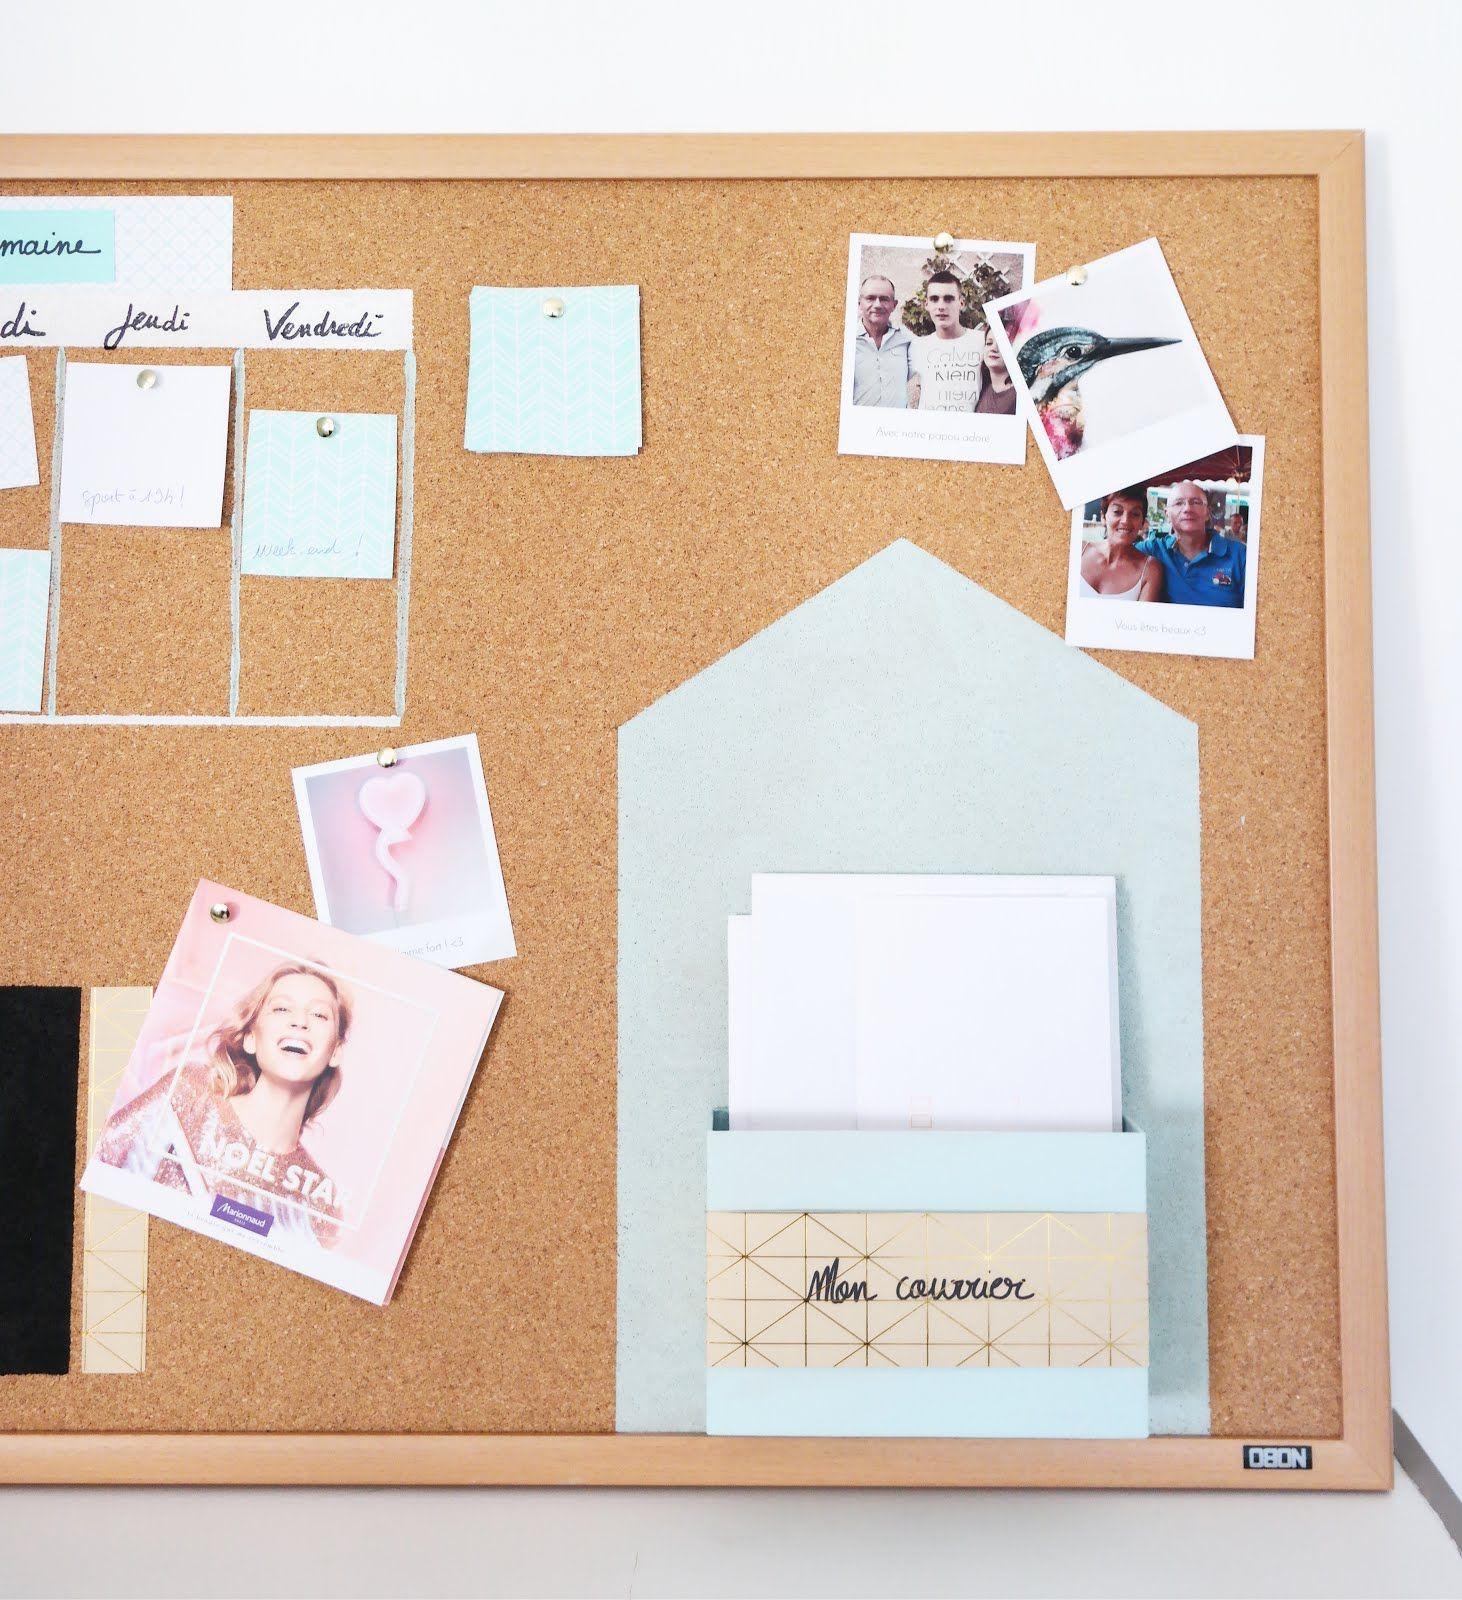 tableau liege organisation bureau diy home inspiration diy room decor diy et organisation. Black Bedroom Furniture Sets. Home Design Ideas